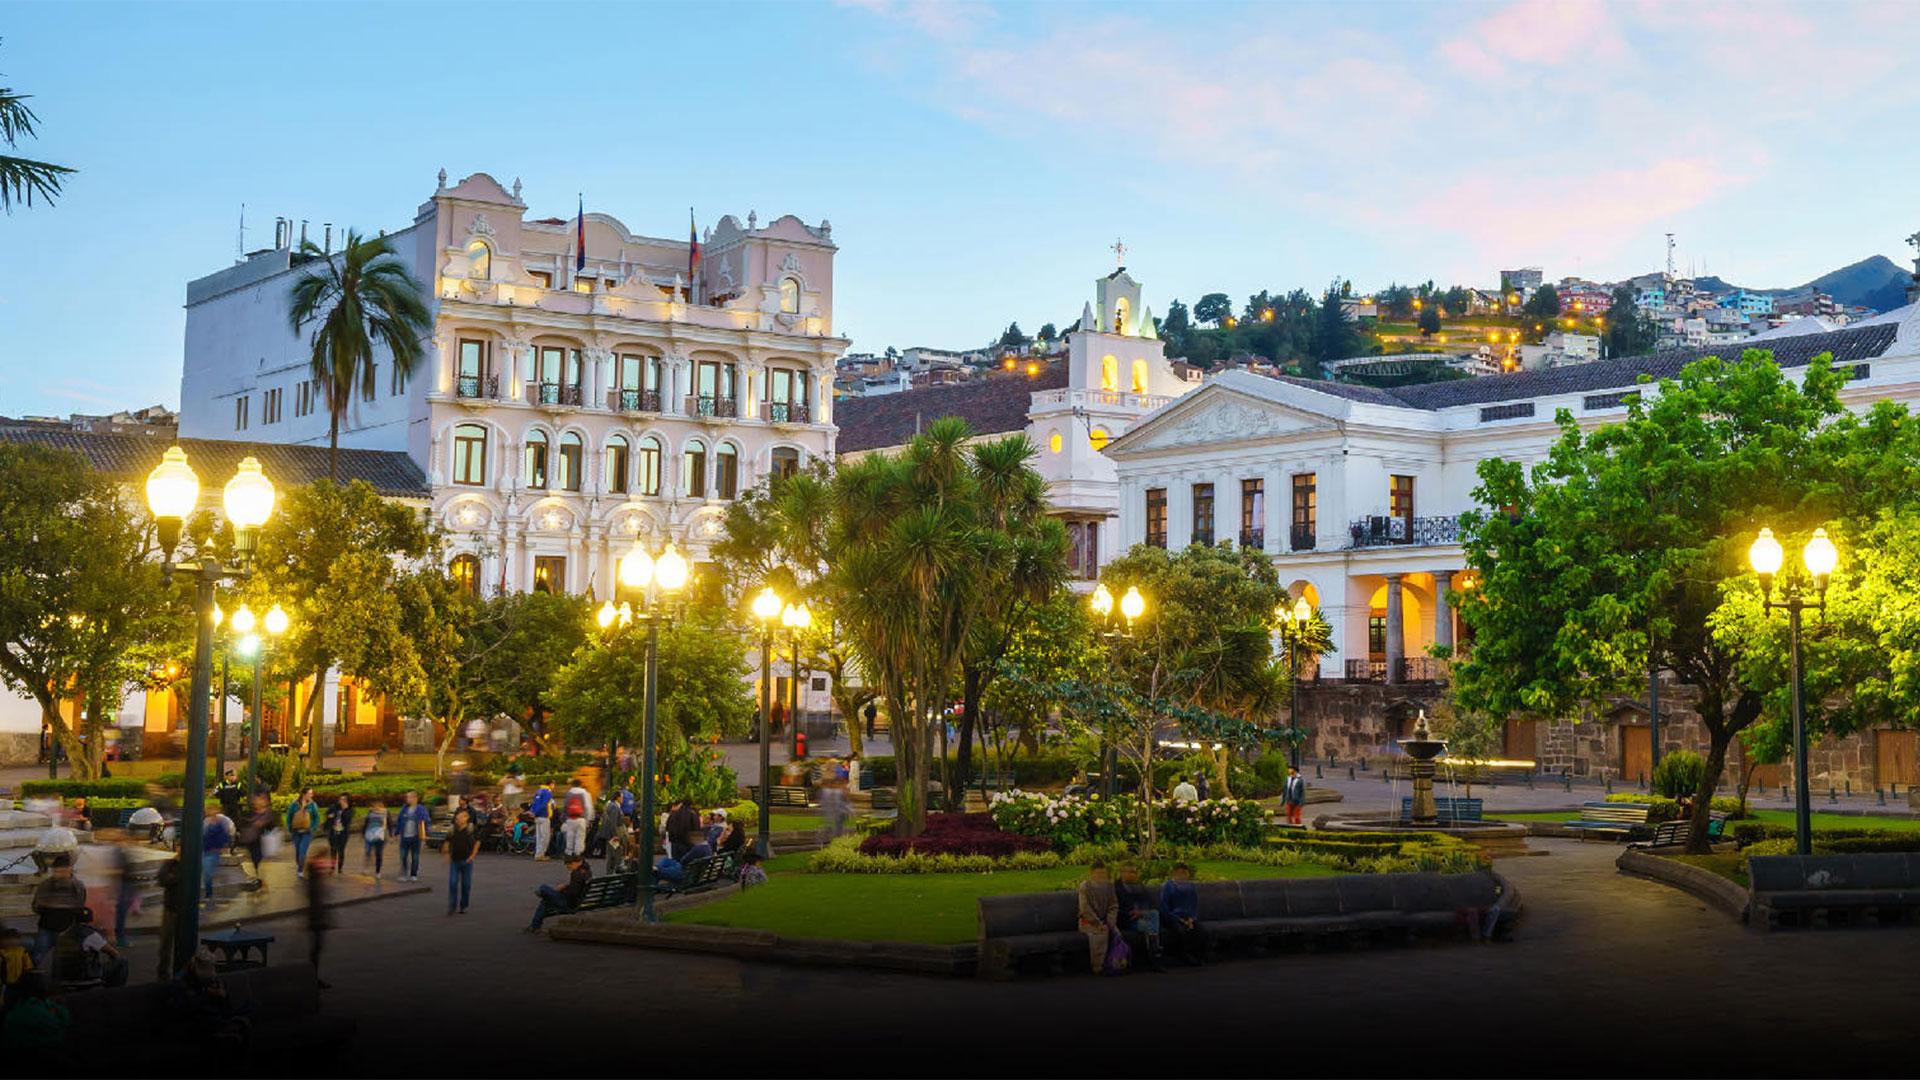 Plaza-Grande-Hotel-Quito